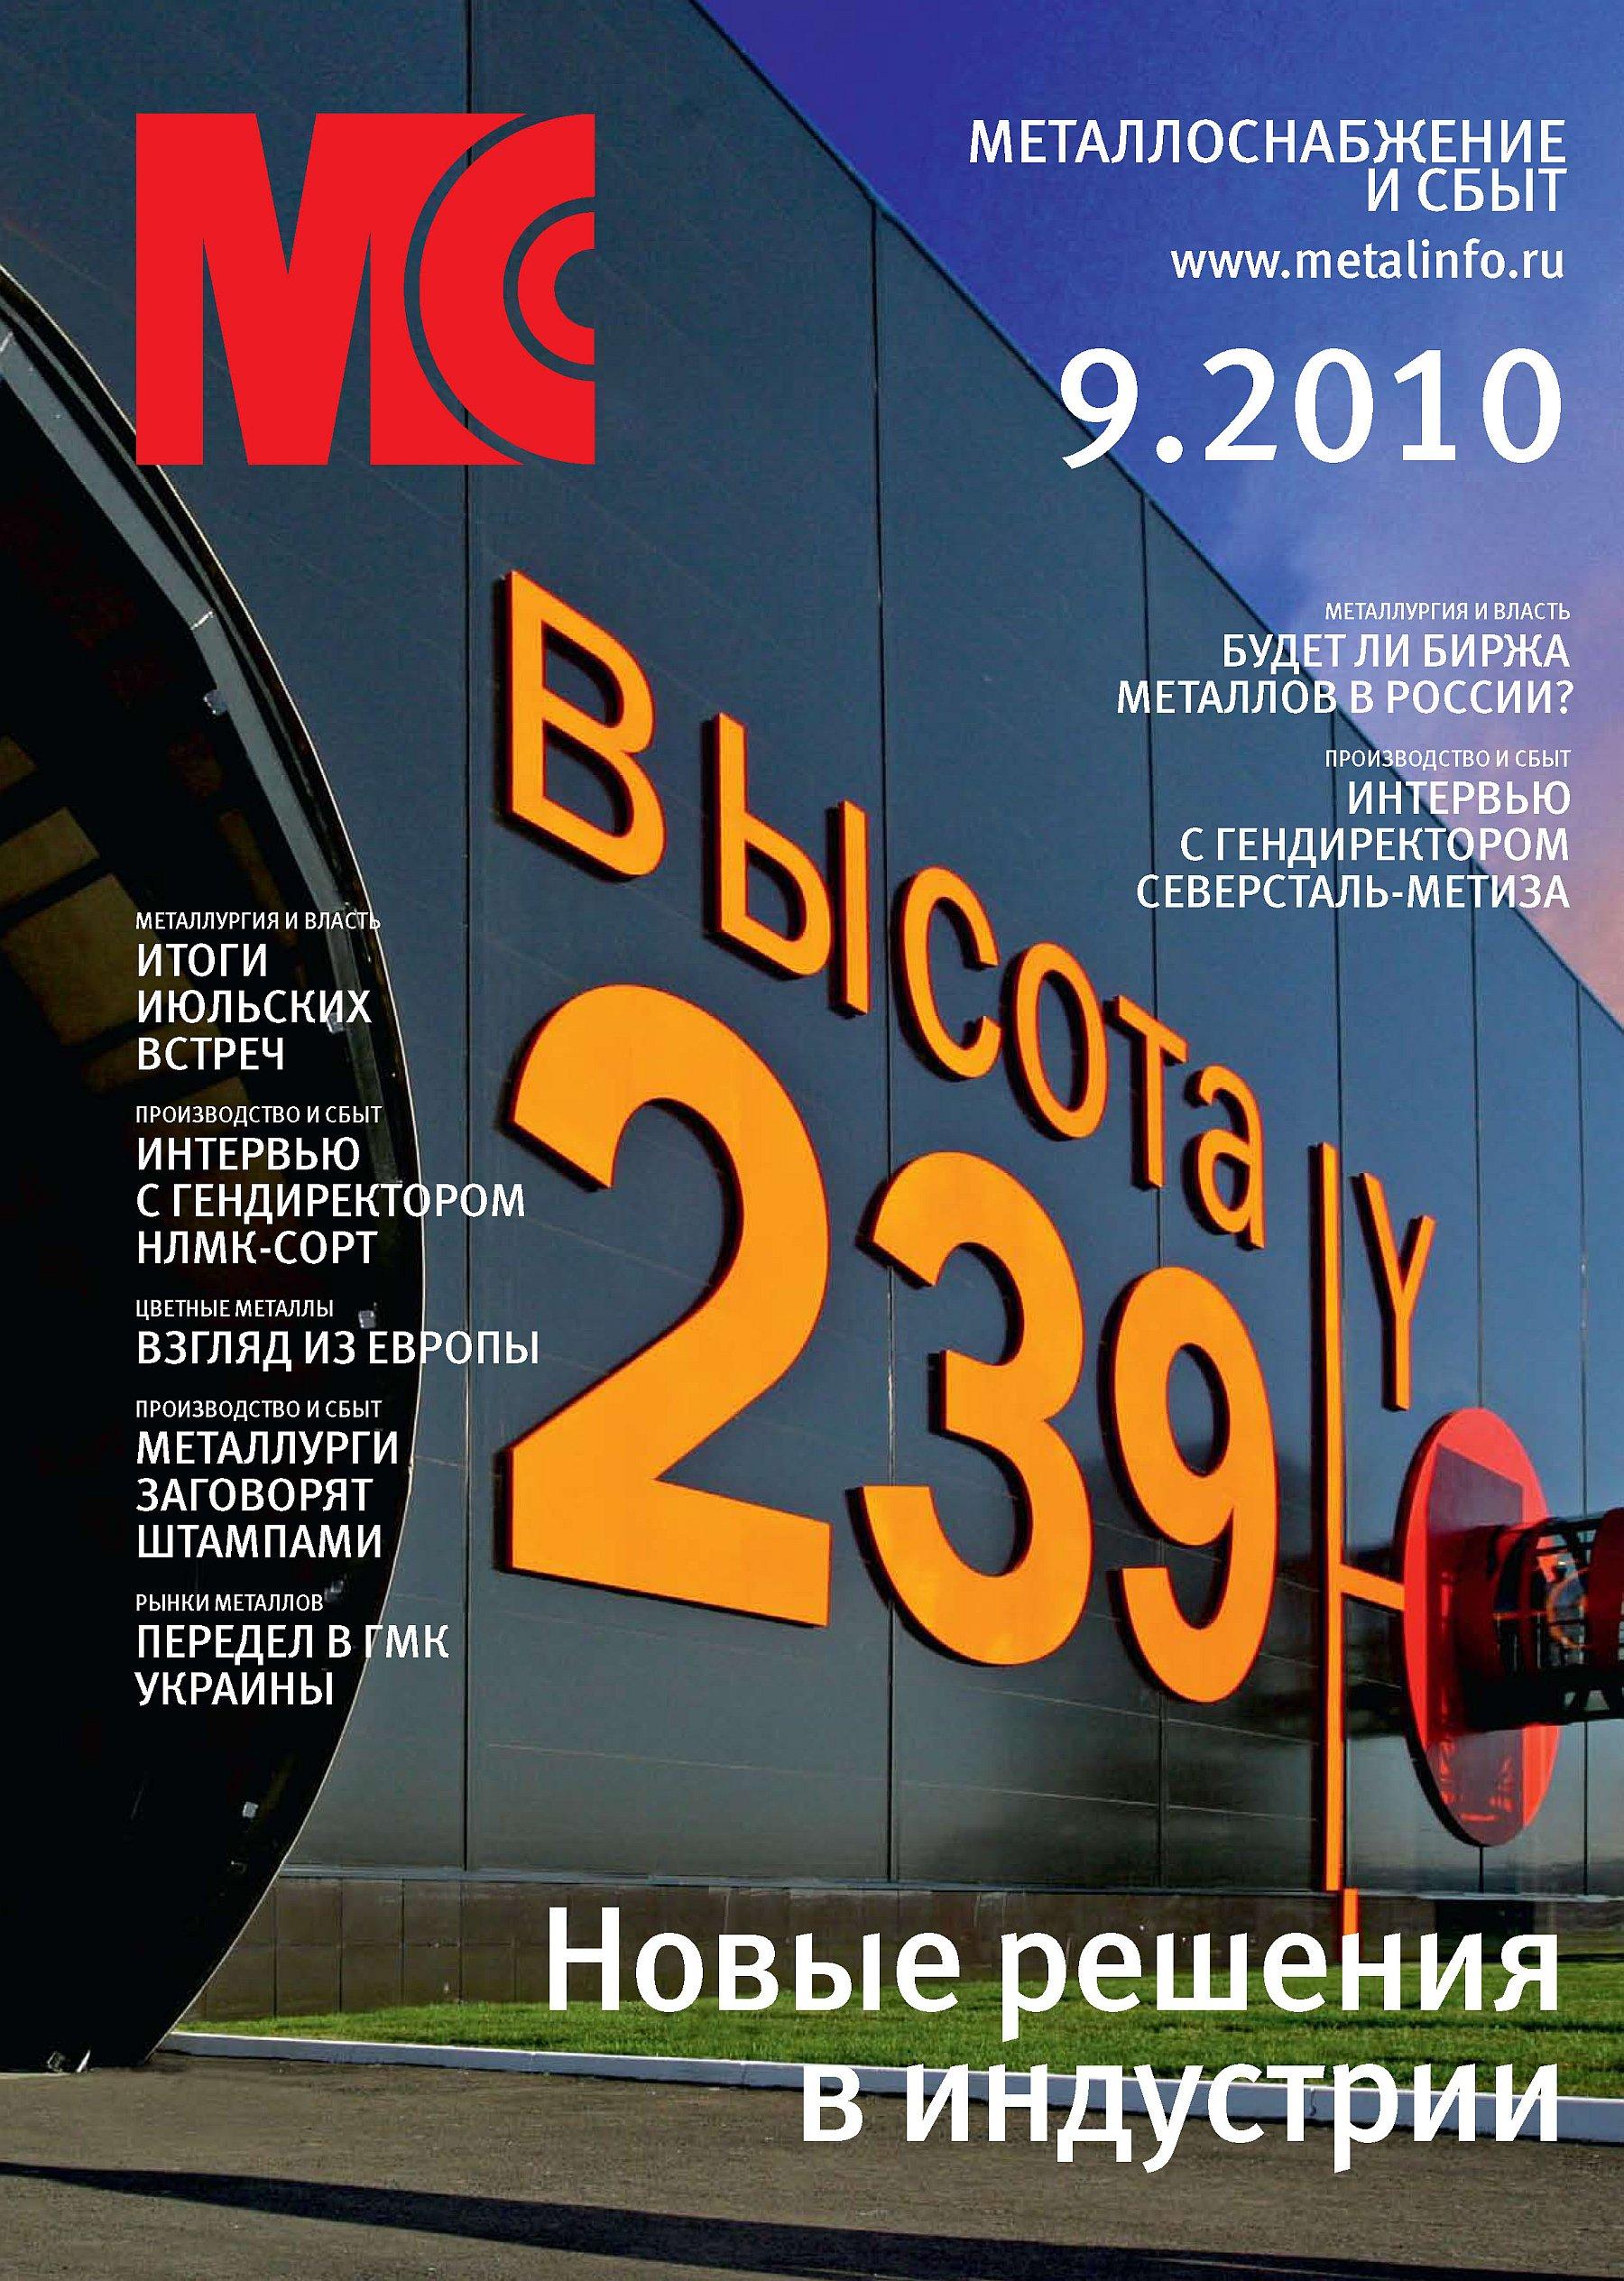 Отсутствует Металлоснабжение и сбыт №9/2010